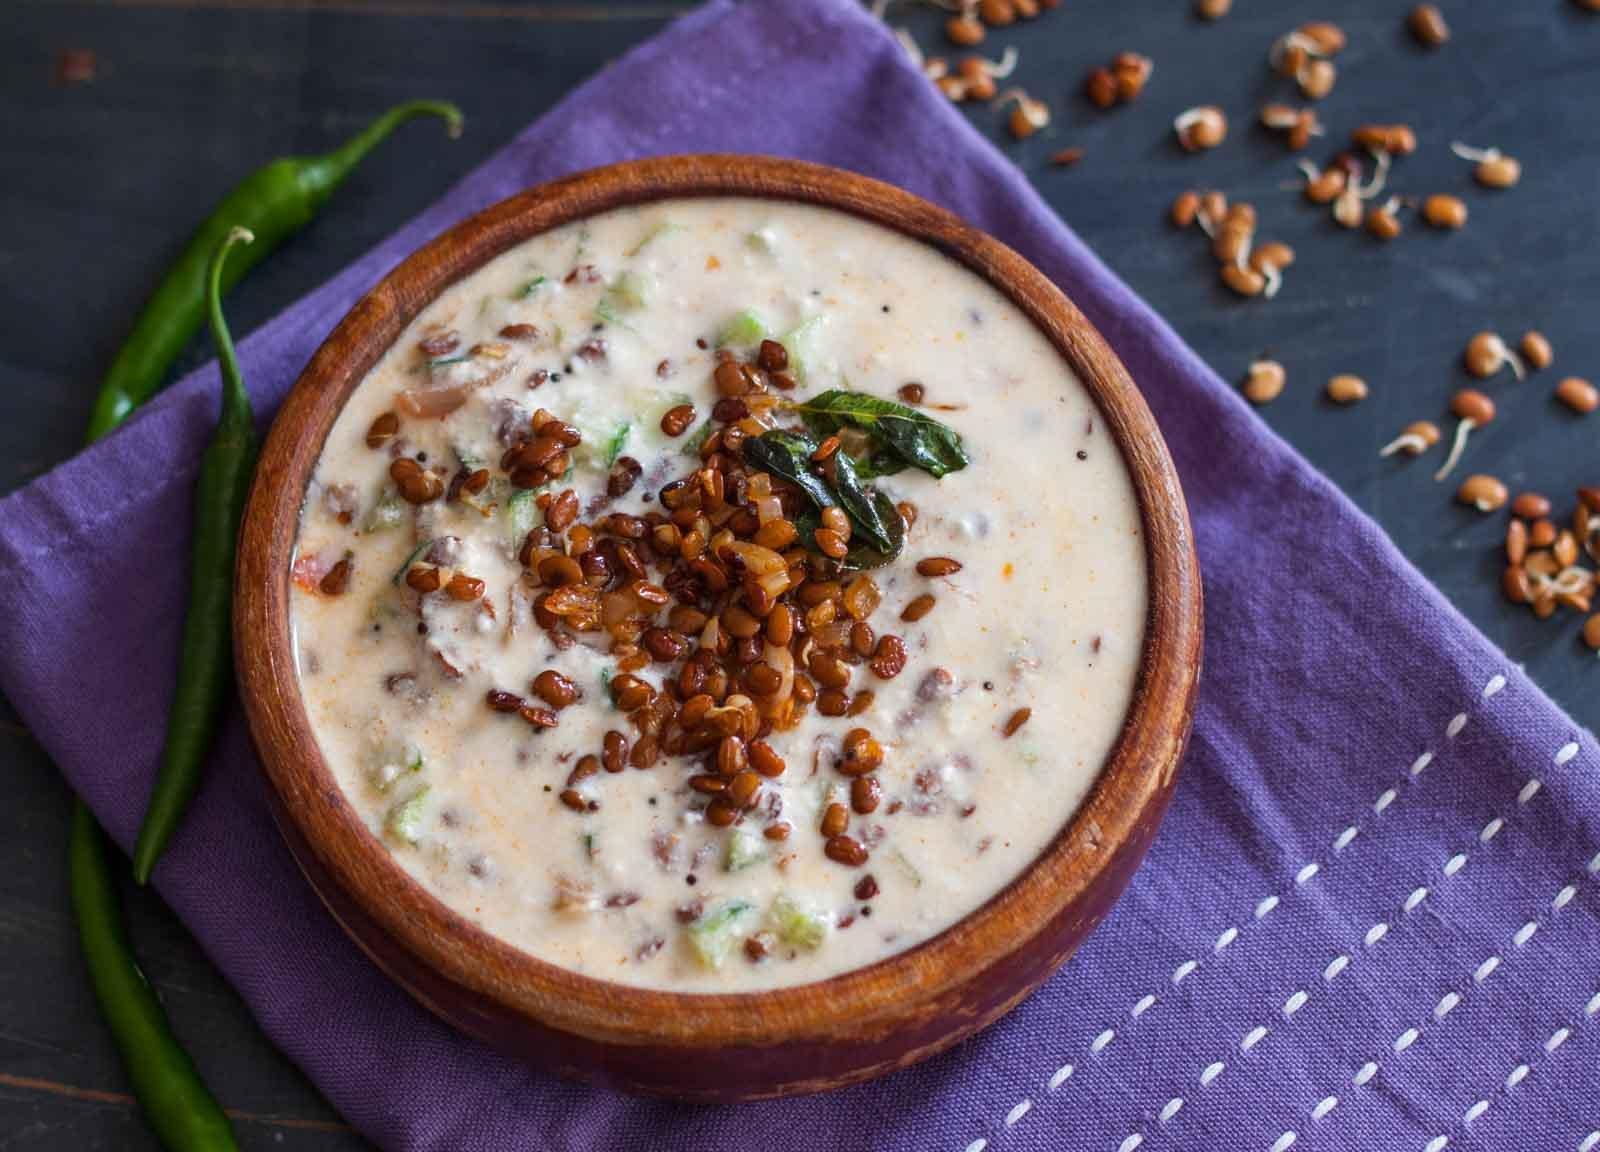 Kollu pachadi recipe sprouted horse gram raita recipe by archanas kollu pachadi recipe sprouted horse gram raita recipe forumfinder Image collections